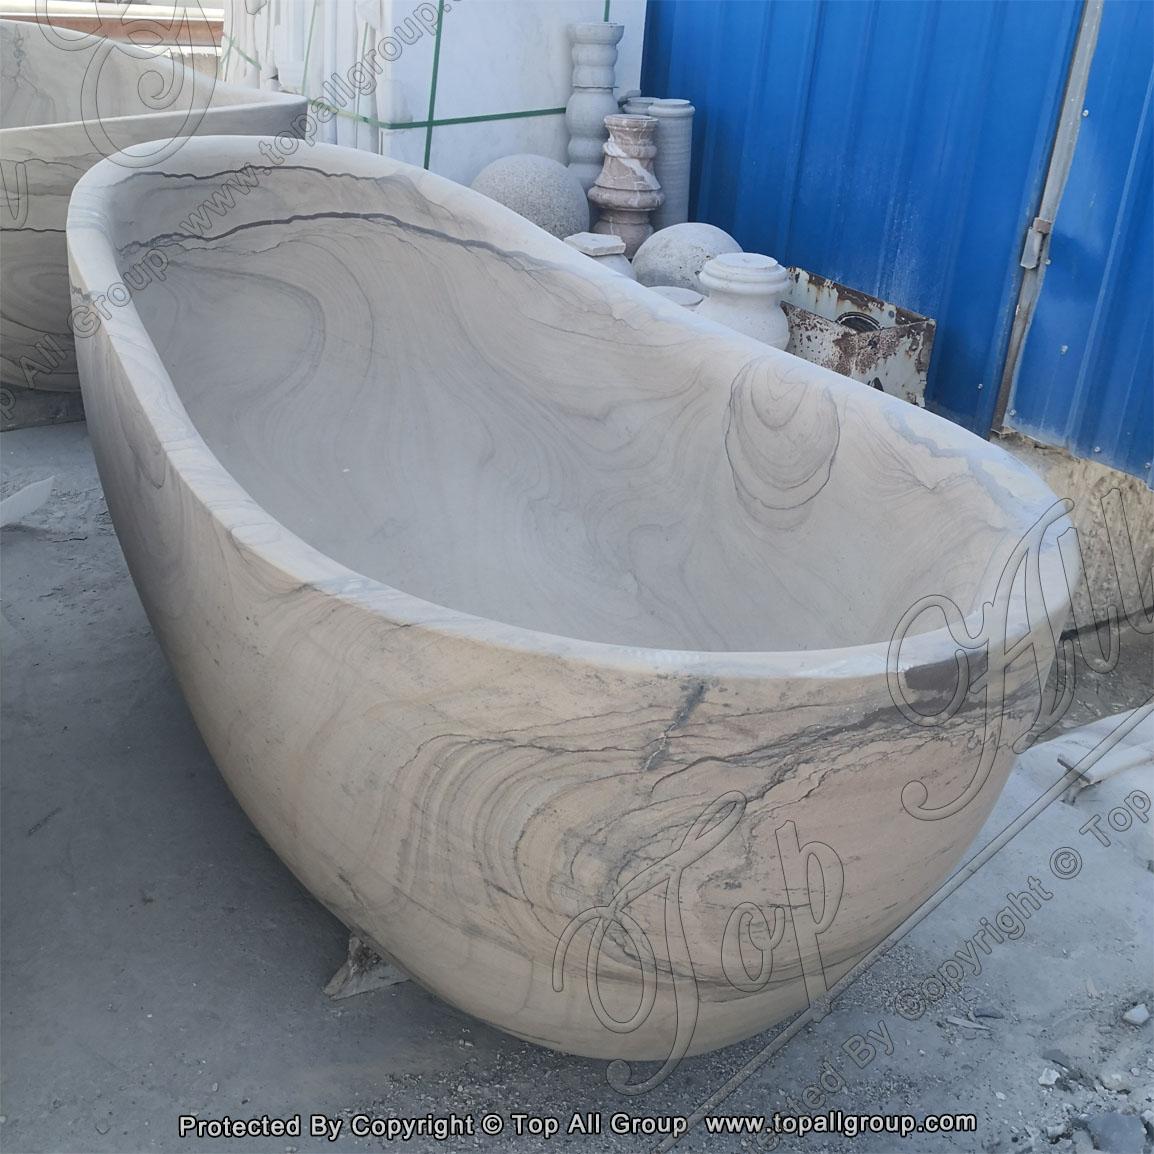 Limstone Marble Bathtub